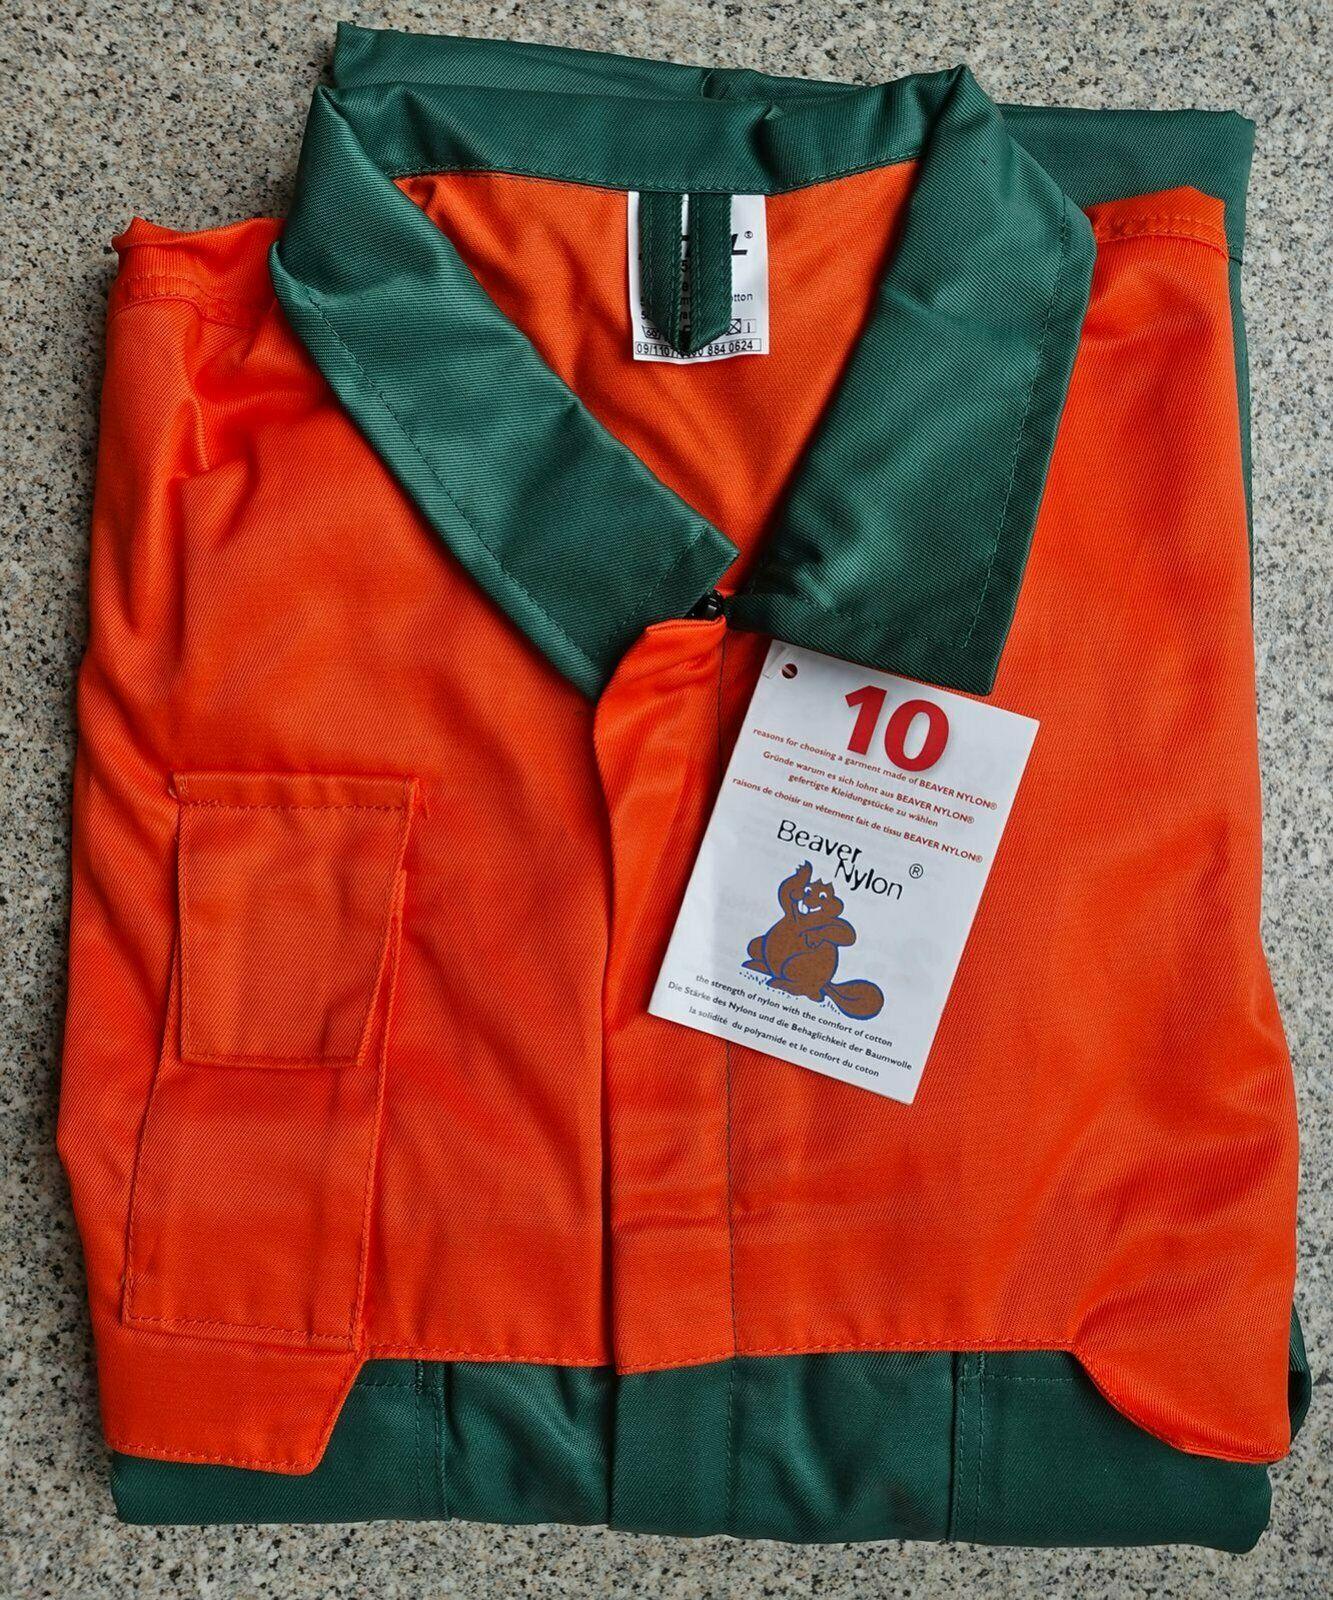 STIHL Waldarbeiterjacke Gr. 54/56 Schutzkleidung